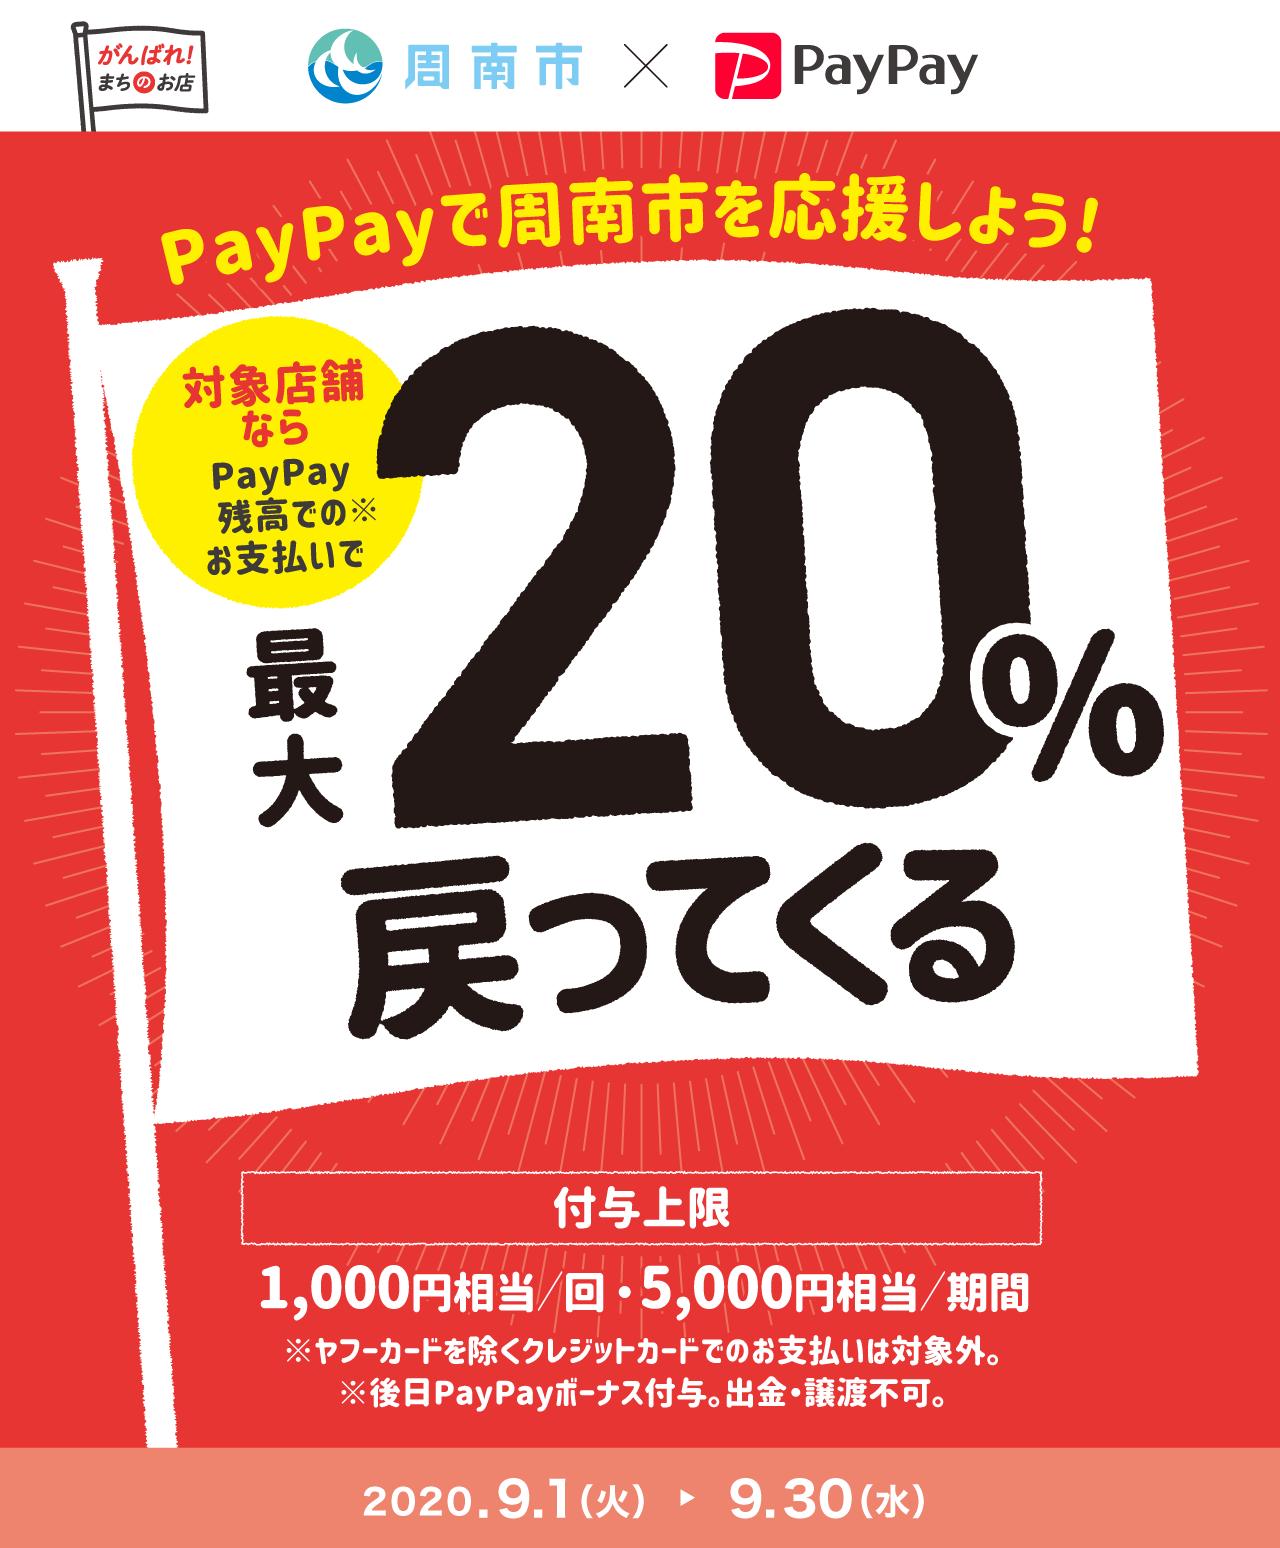 PayPayで周南市を応援しよう! 対象店舗ならPayPay残高でのお支払いで最大20%戻ってくる